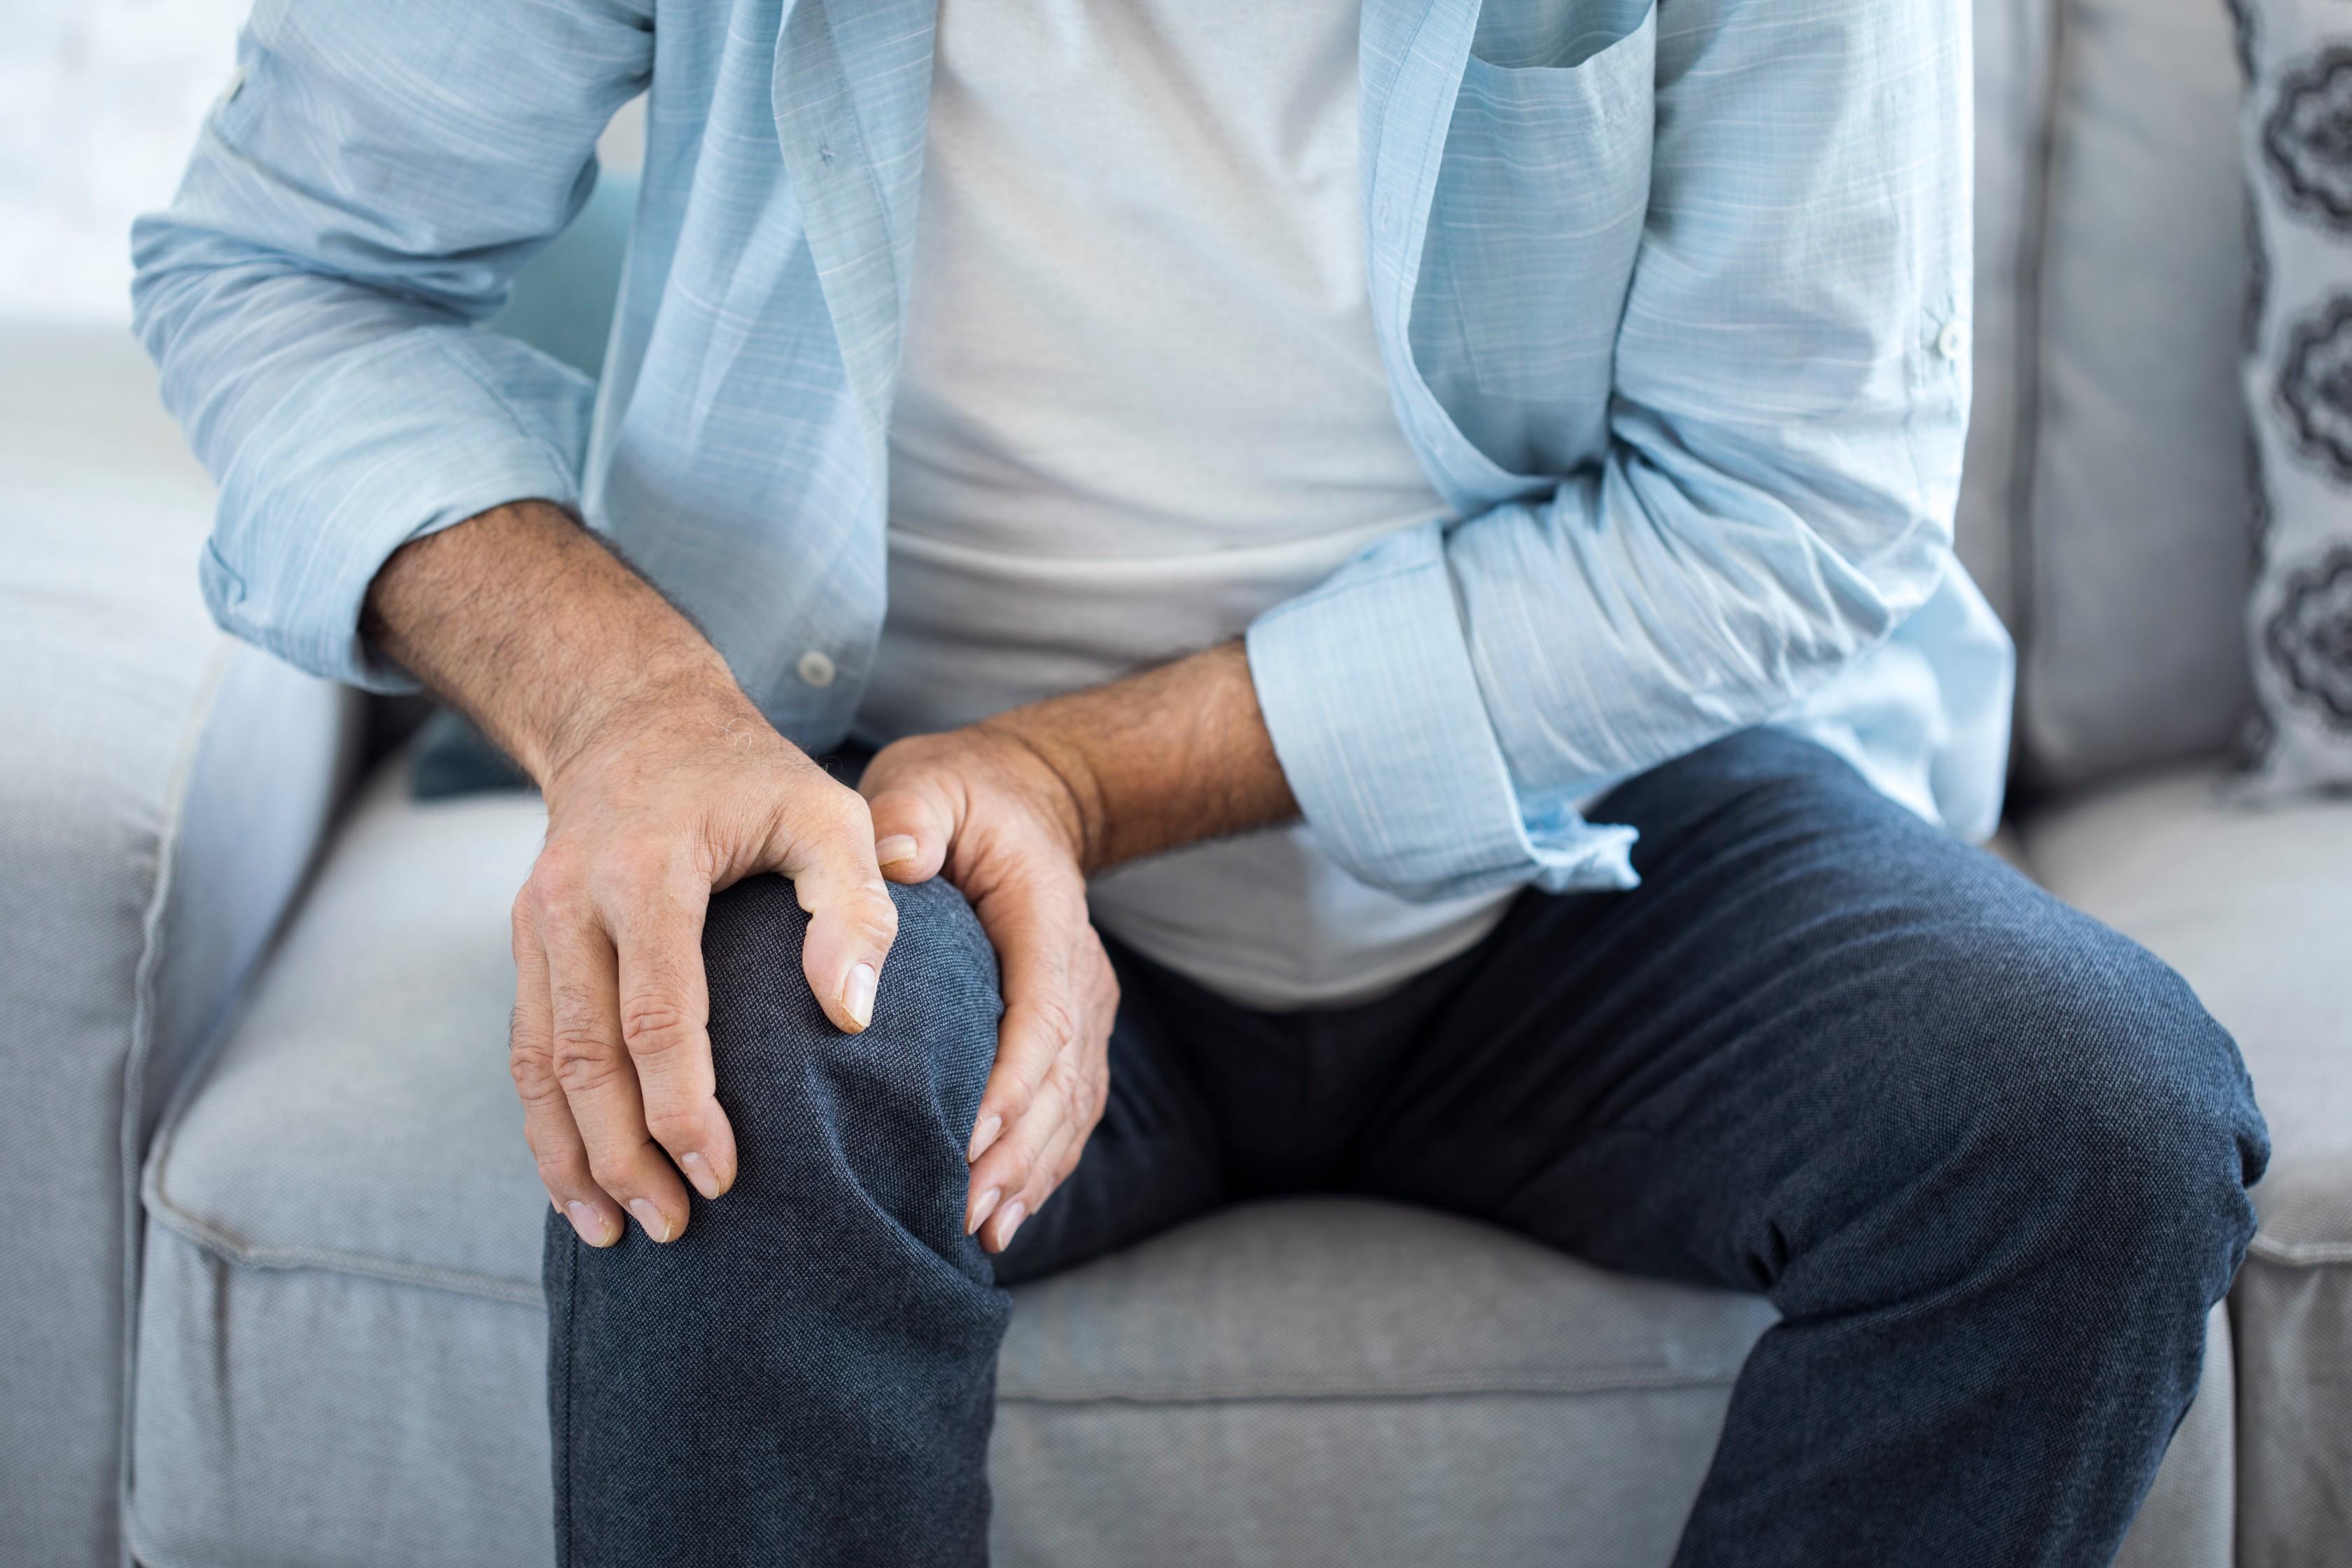 Fájó ízületek, a lábak, okok, kezelés - Inflamaya Gel